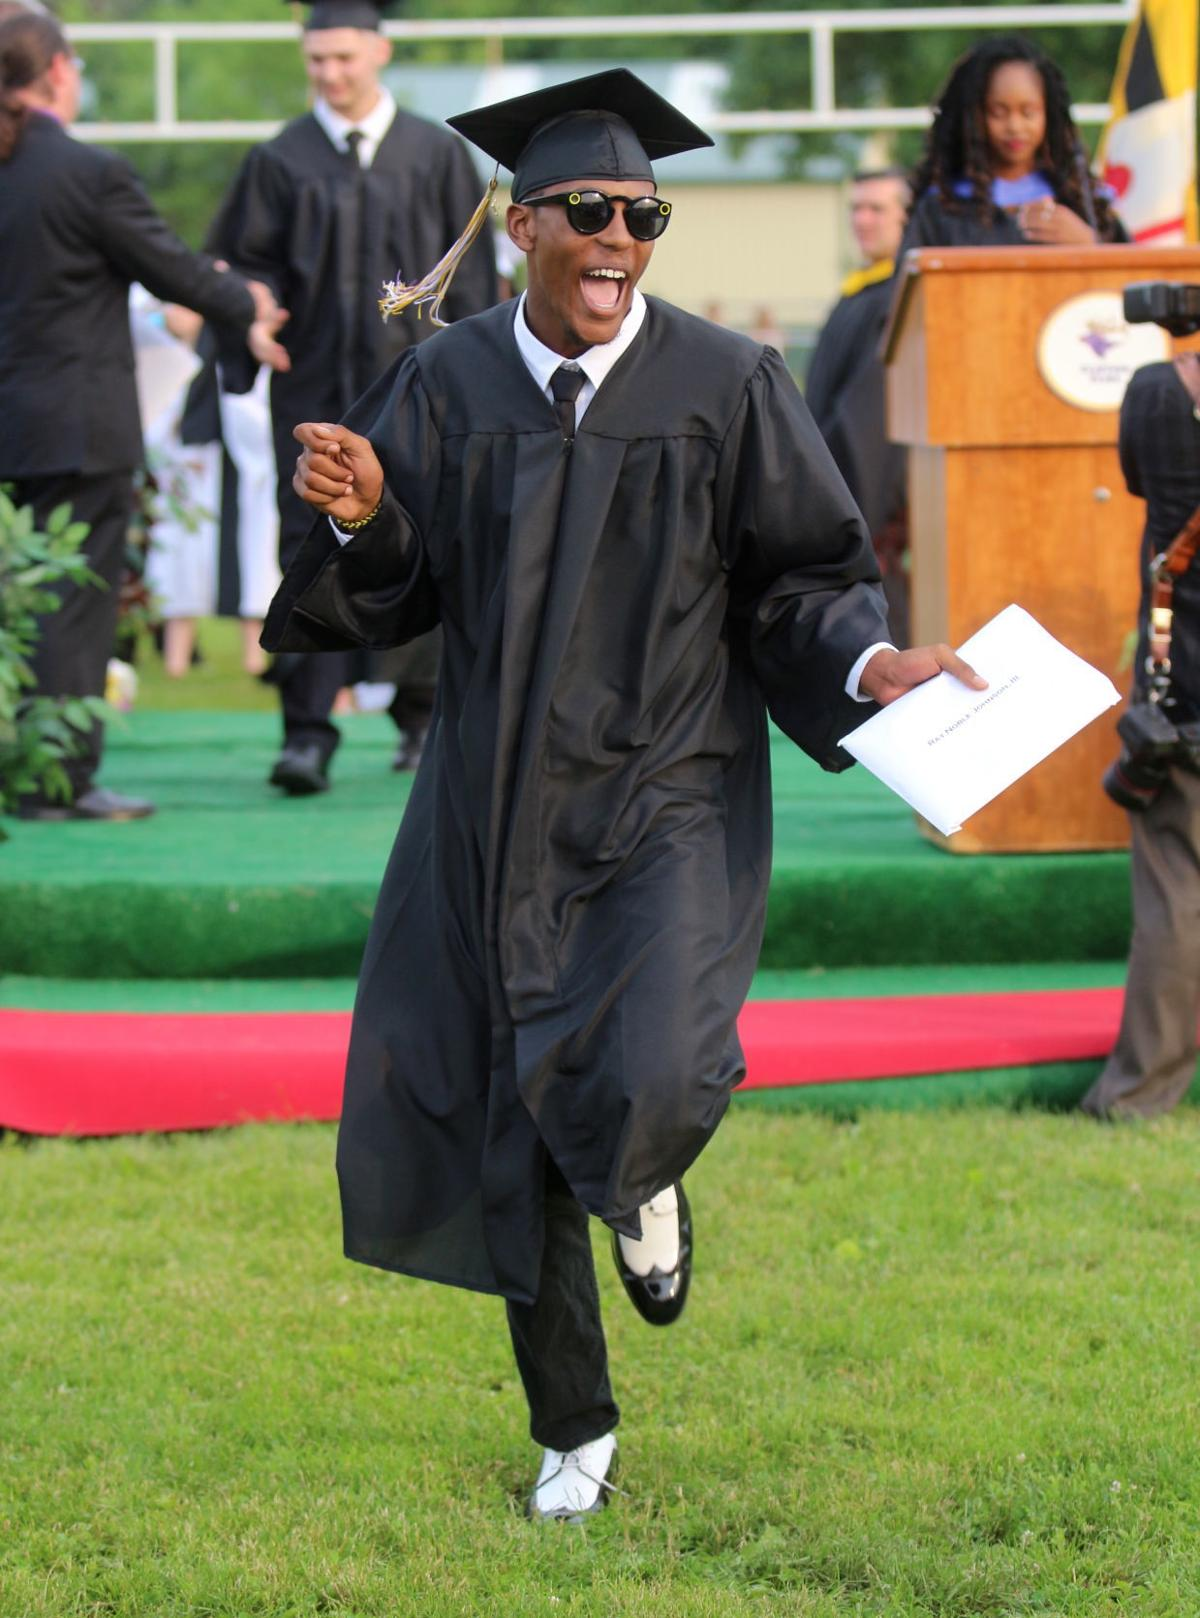 Elkton graduation